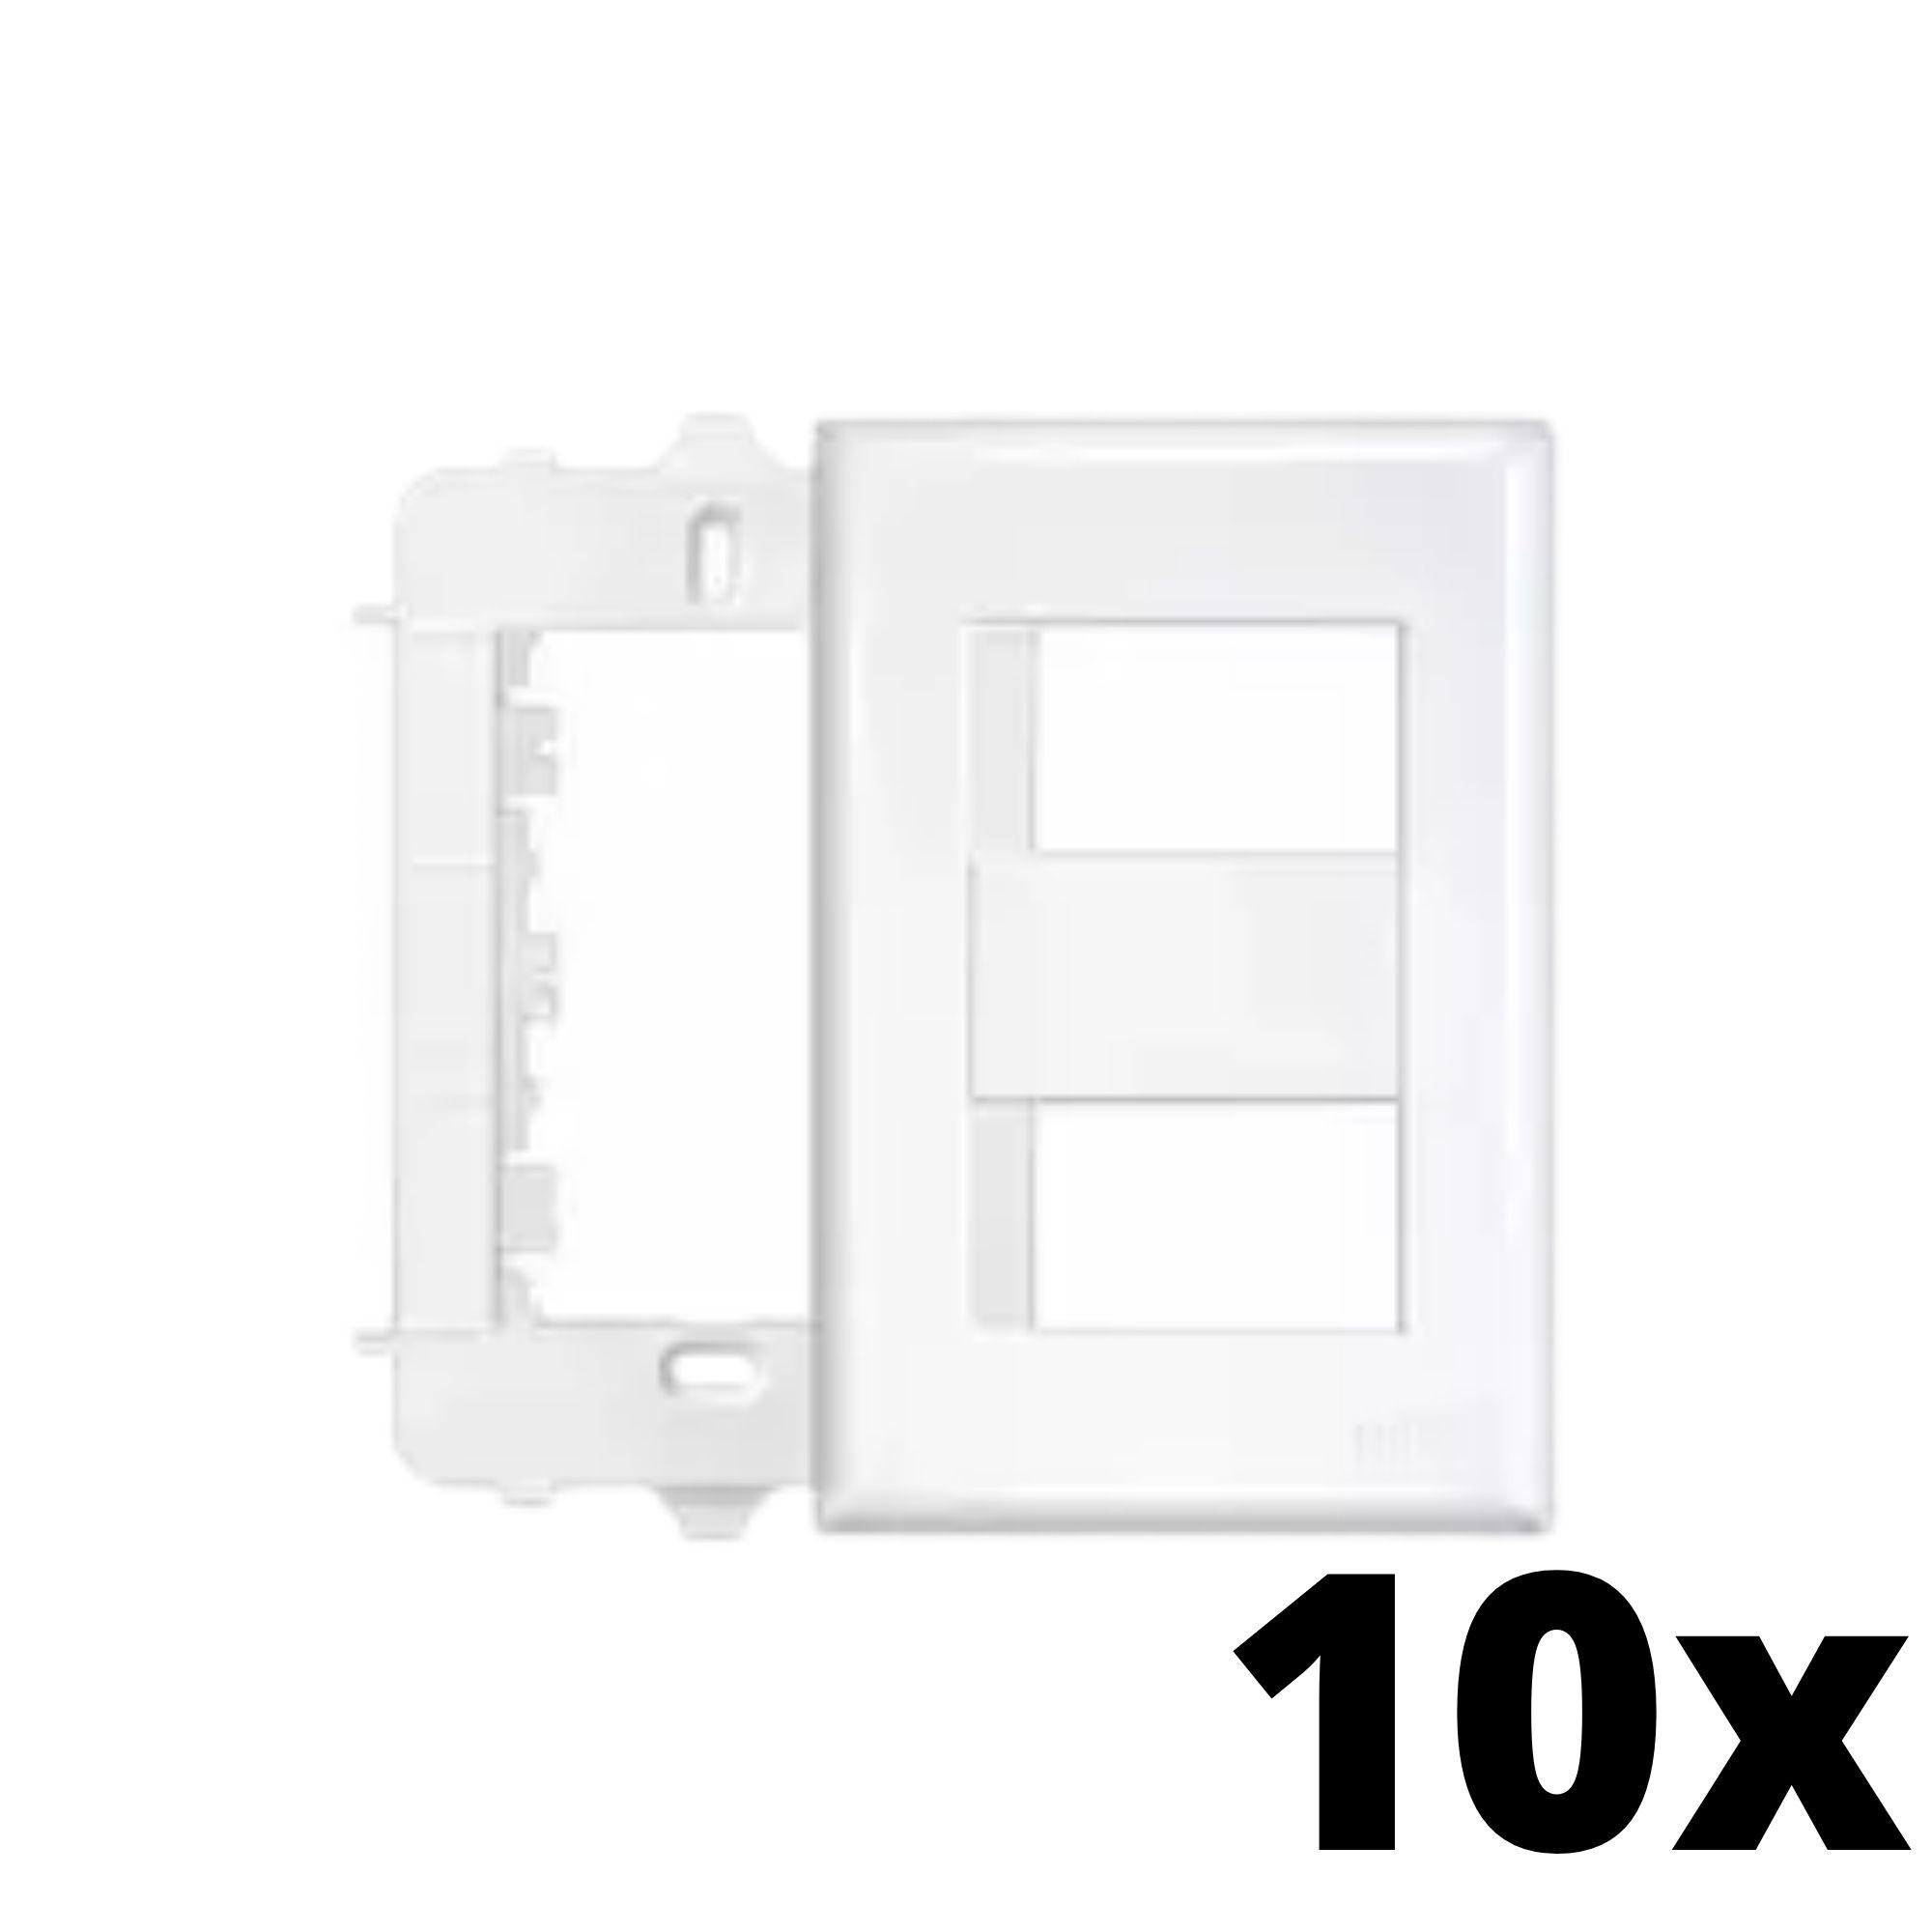 Kit 10 und Evidence Placa 4x2 2 Seções Distanciadas